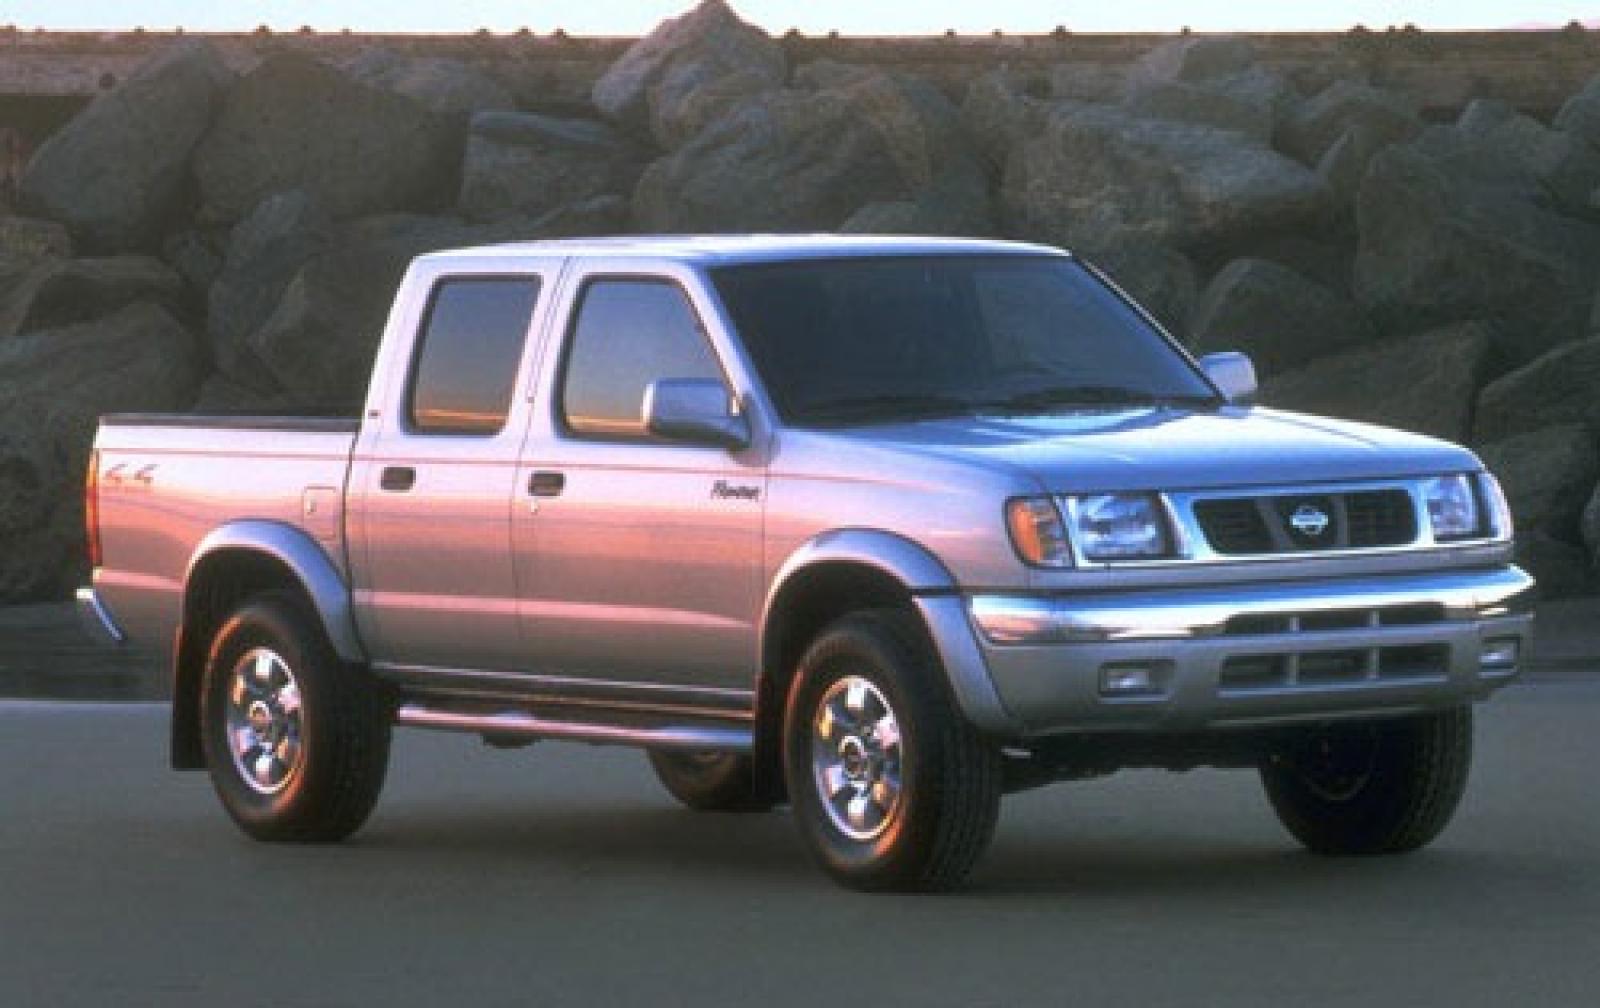 800 1024 1280 1600 Origin 2000 Nissan Frontier